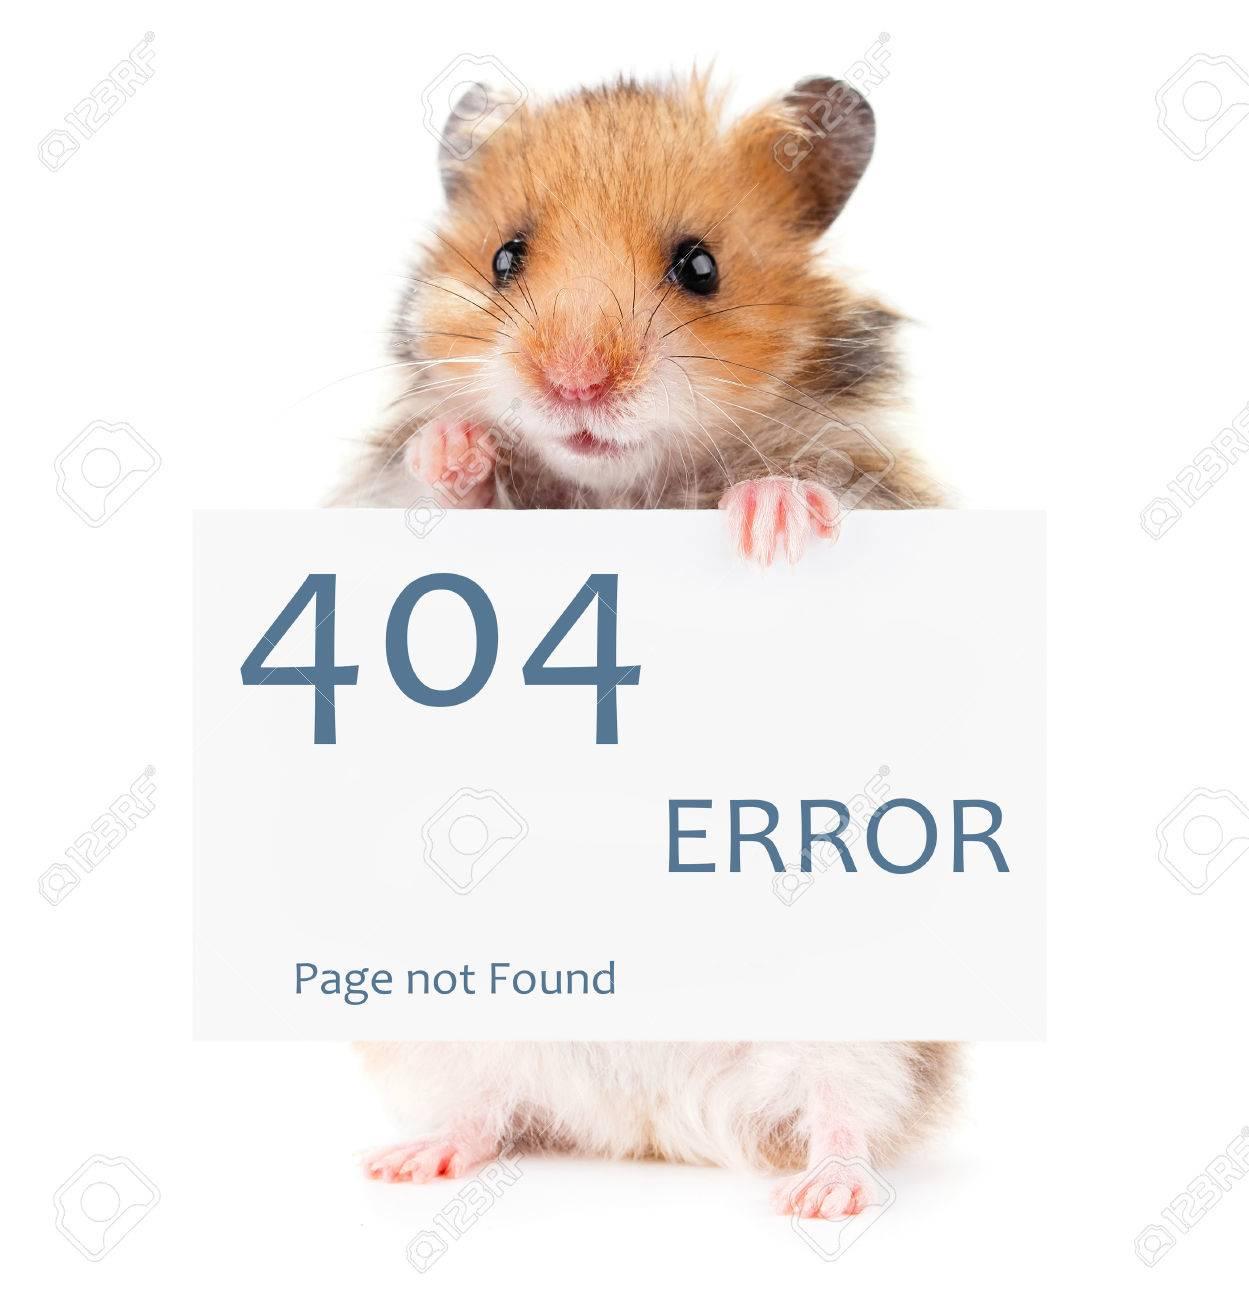 Little hamster keeps paws white poster 404 error - 60900179